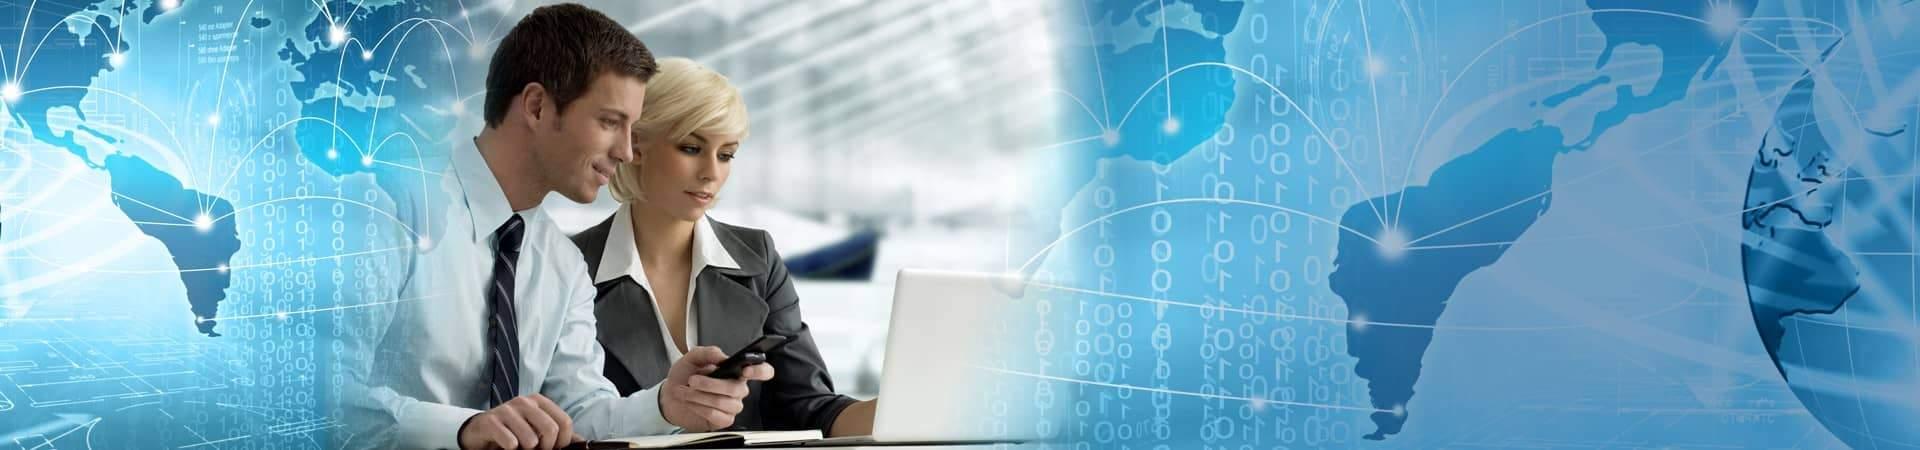 Профессиональная переподготовка курсы повышения квалификации Краснодар